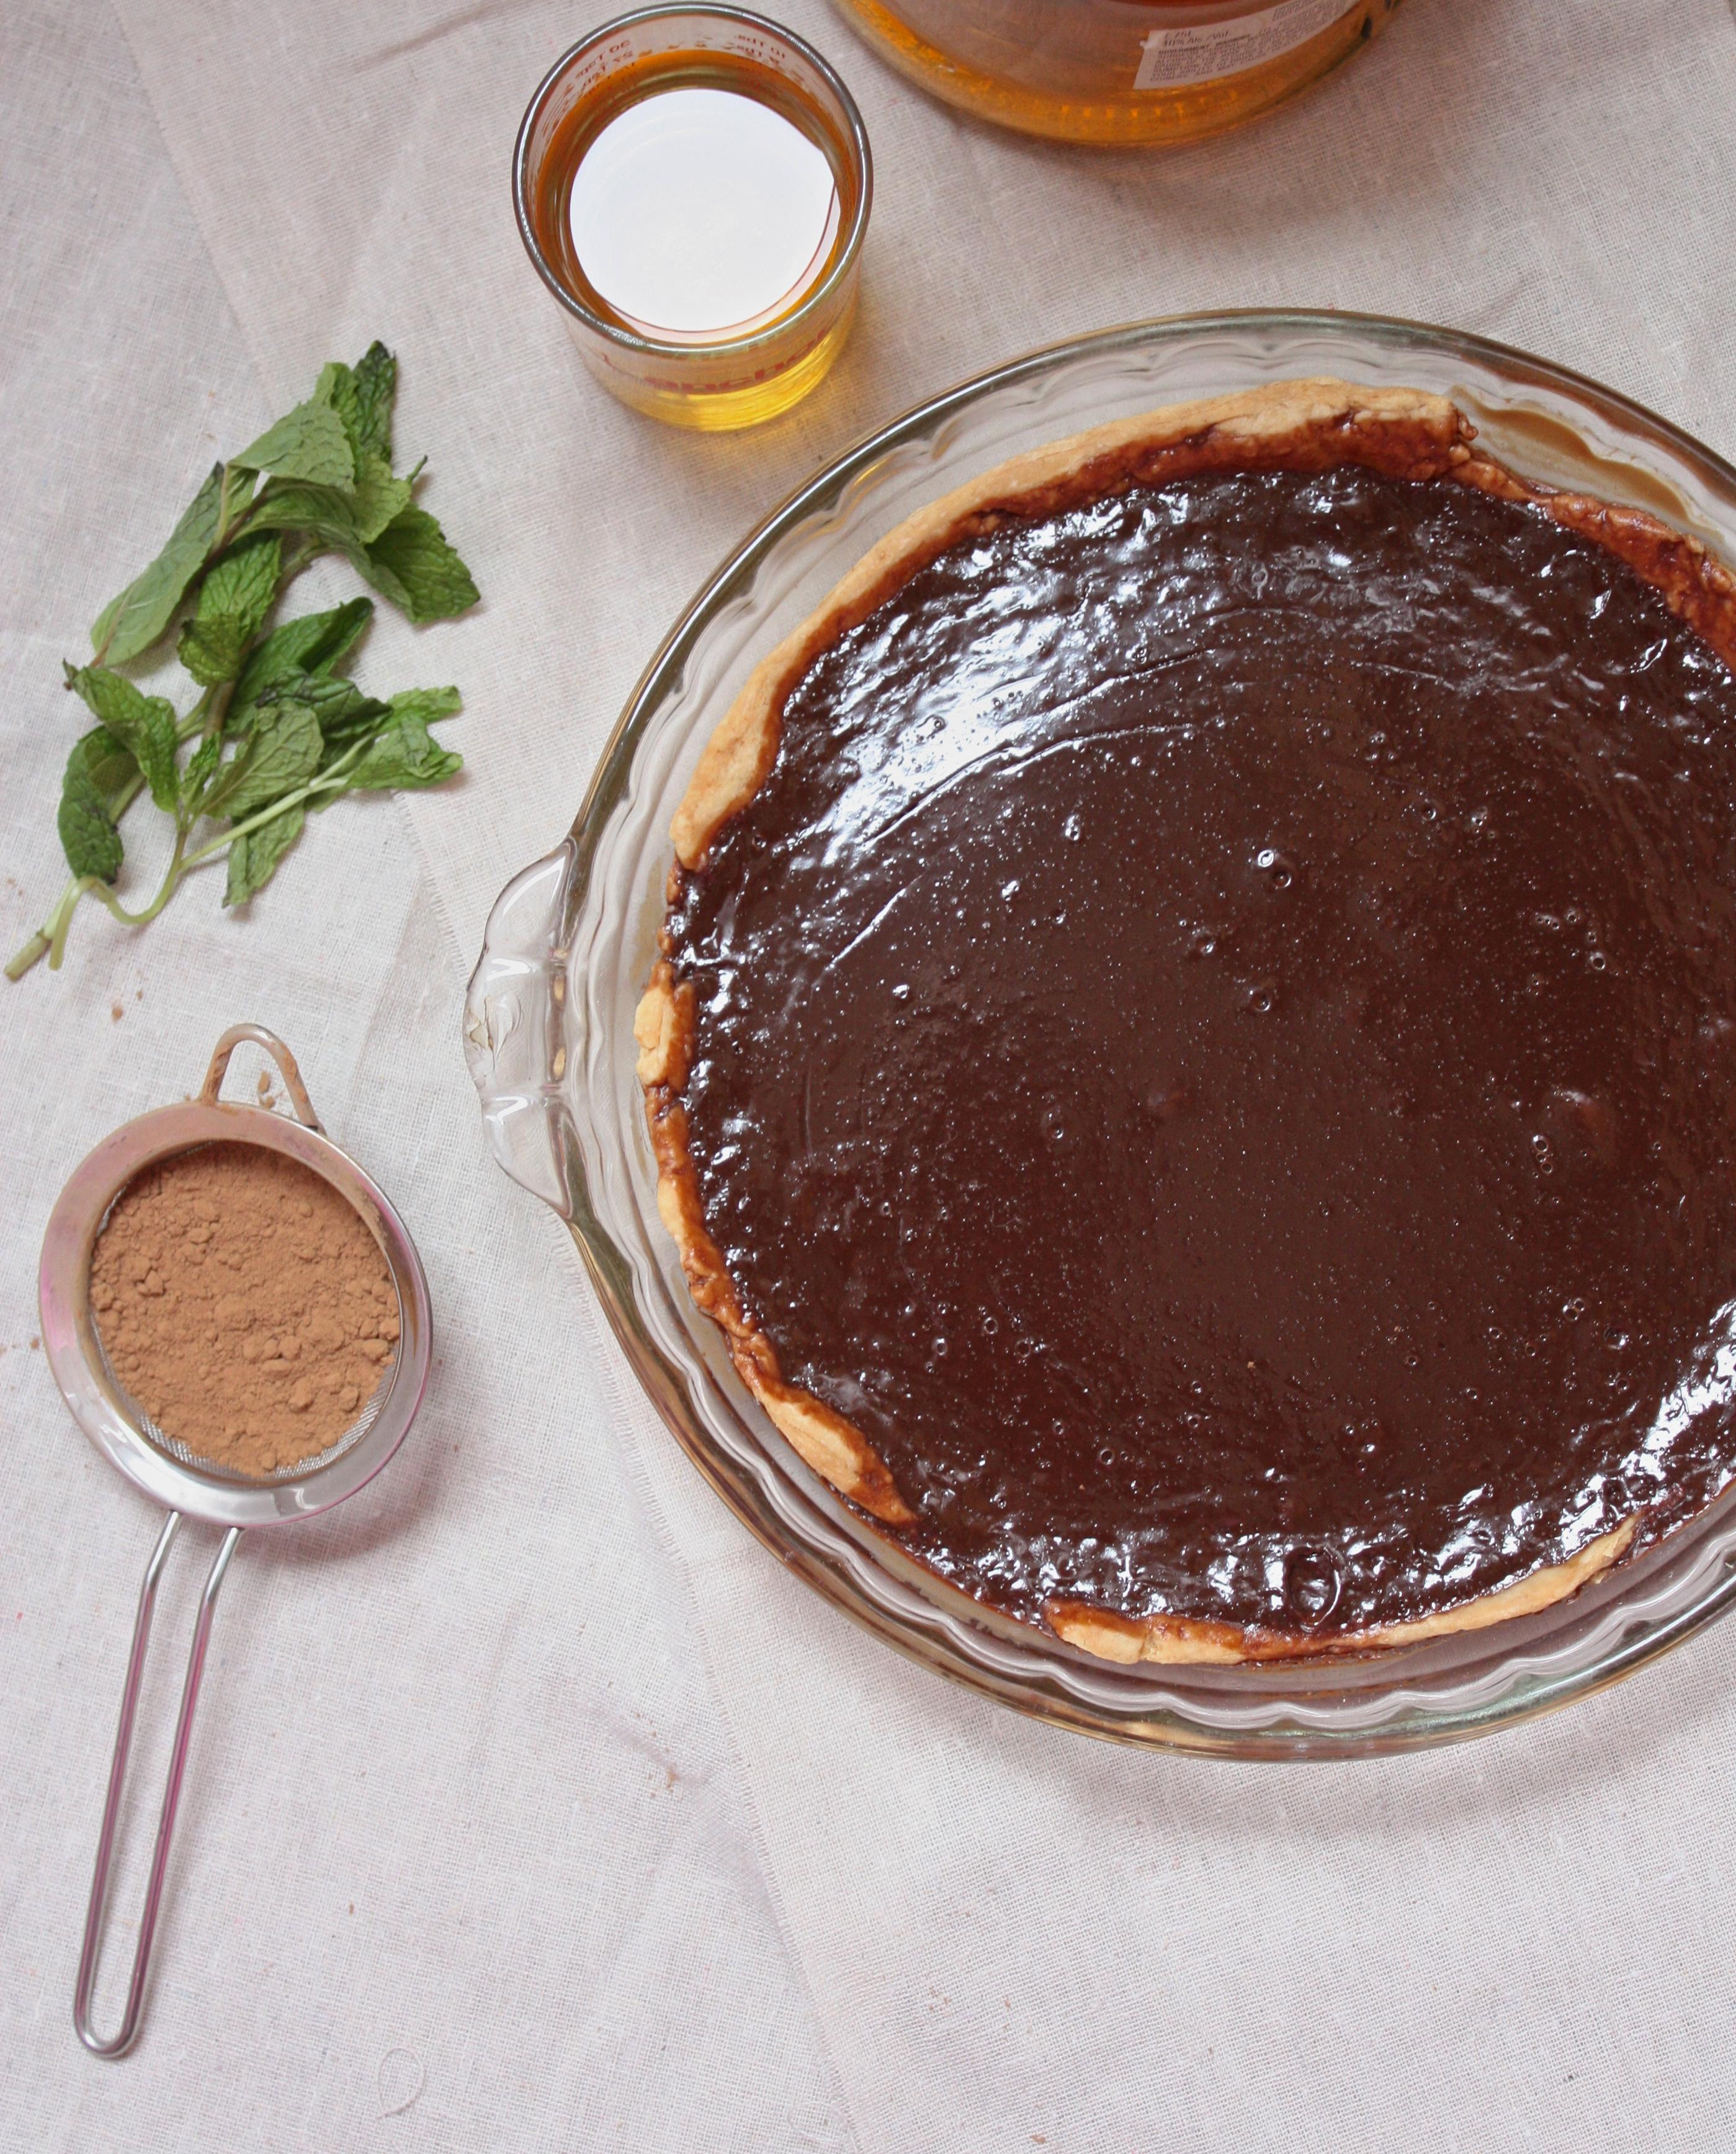 Chocolate Irish Cream Pie | The Dreamery